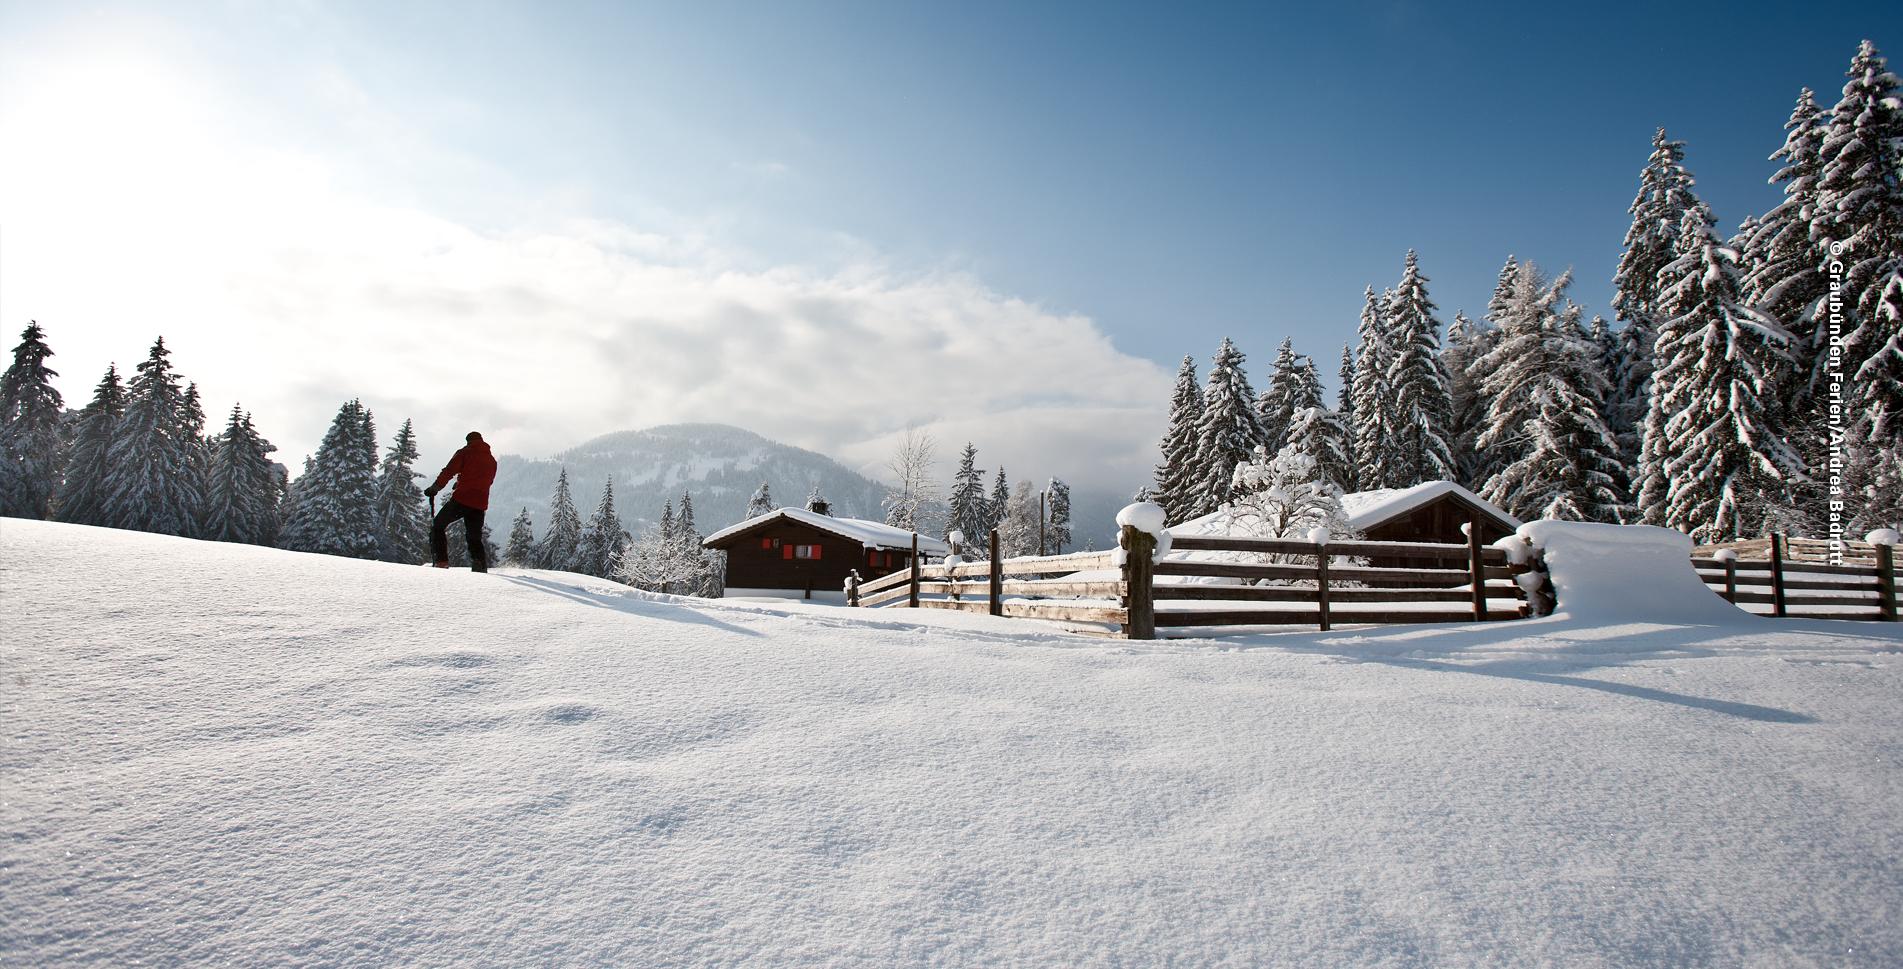 Schneeschuhtour in der Region Flims Laax von Falera zur Bergstation Curnius